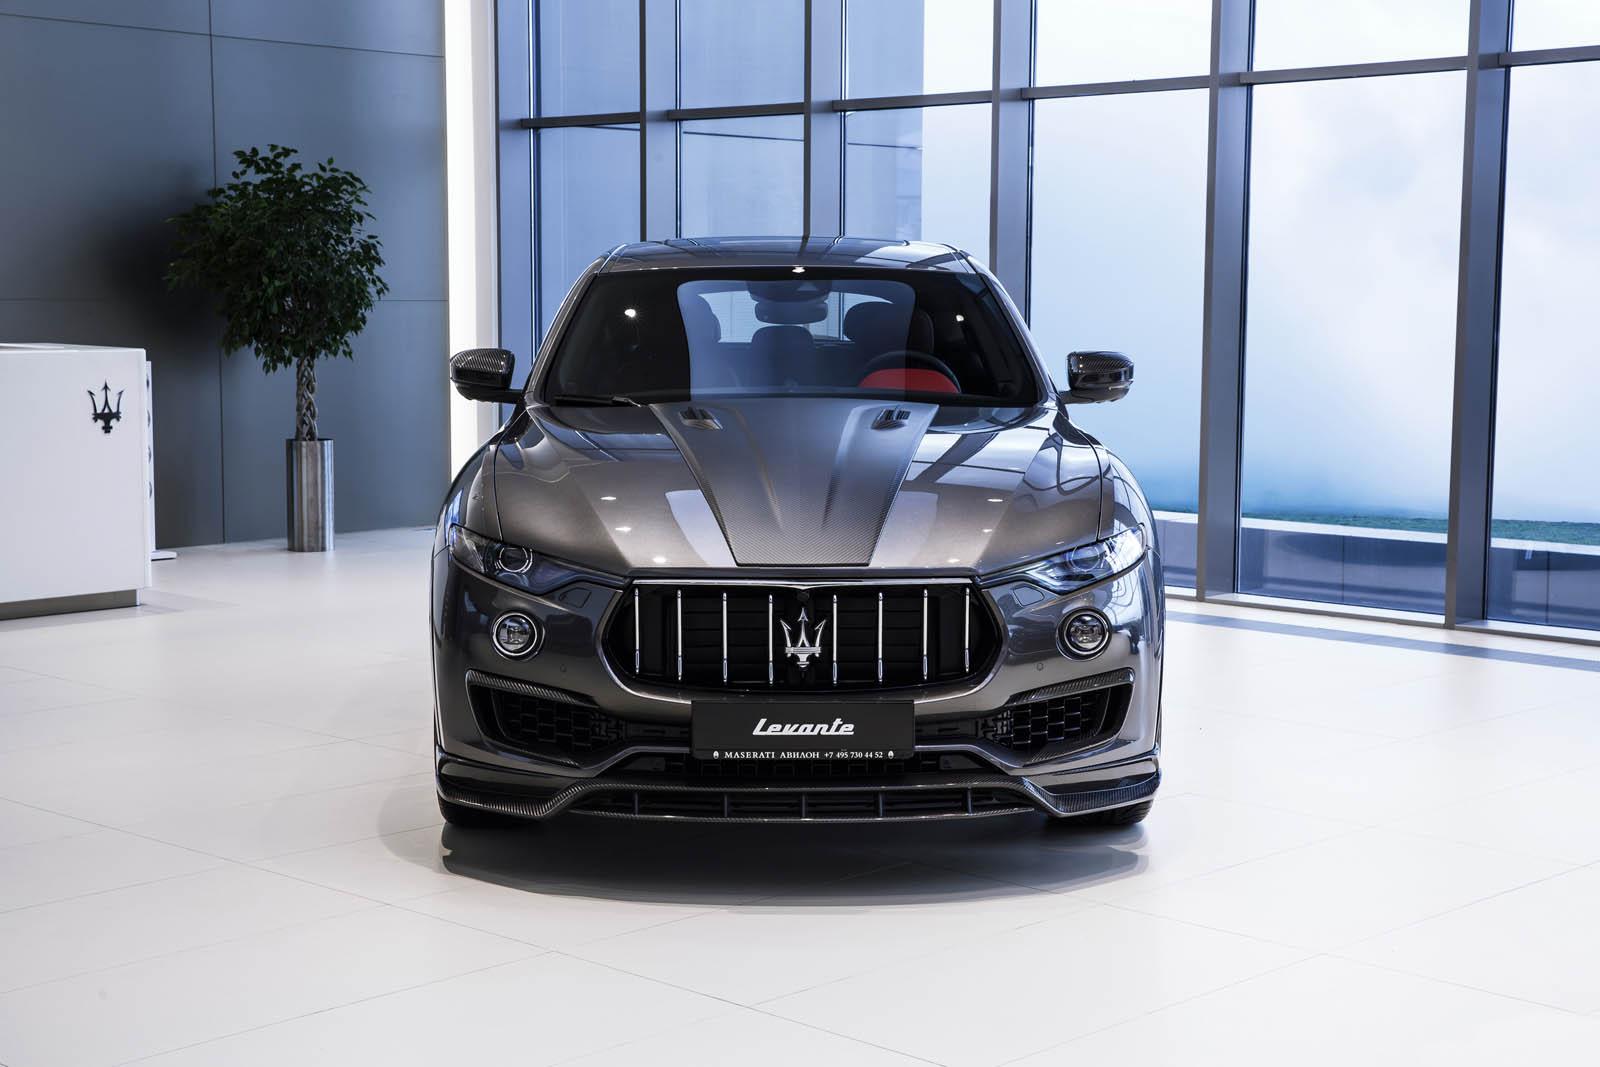 Maserati Levante S by Larte Design (1)